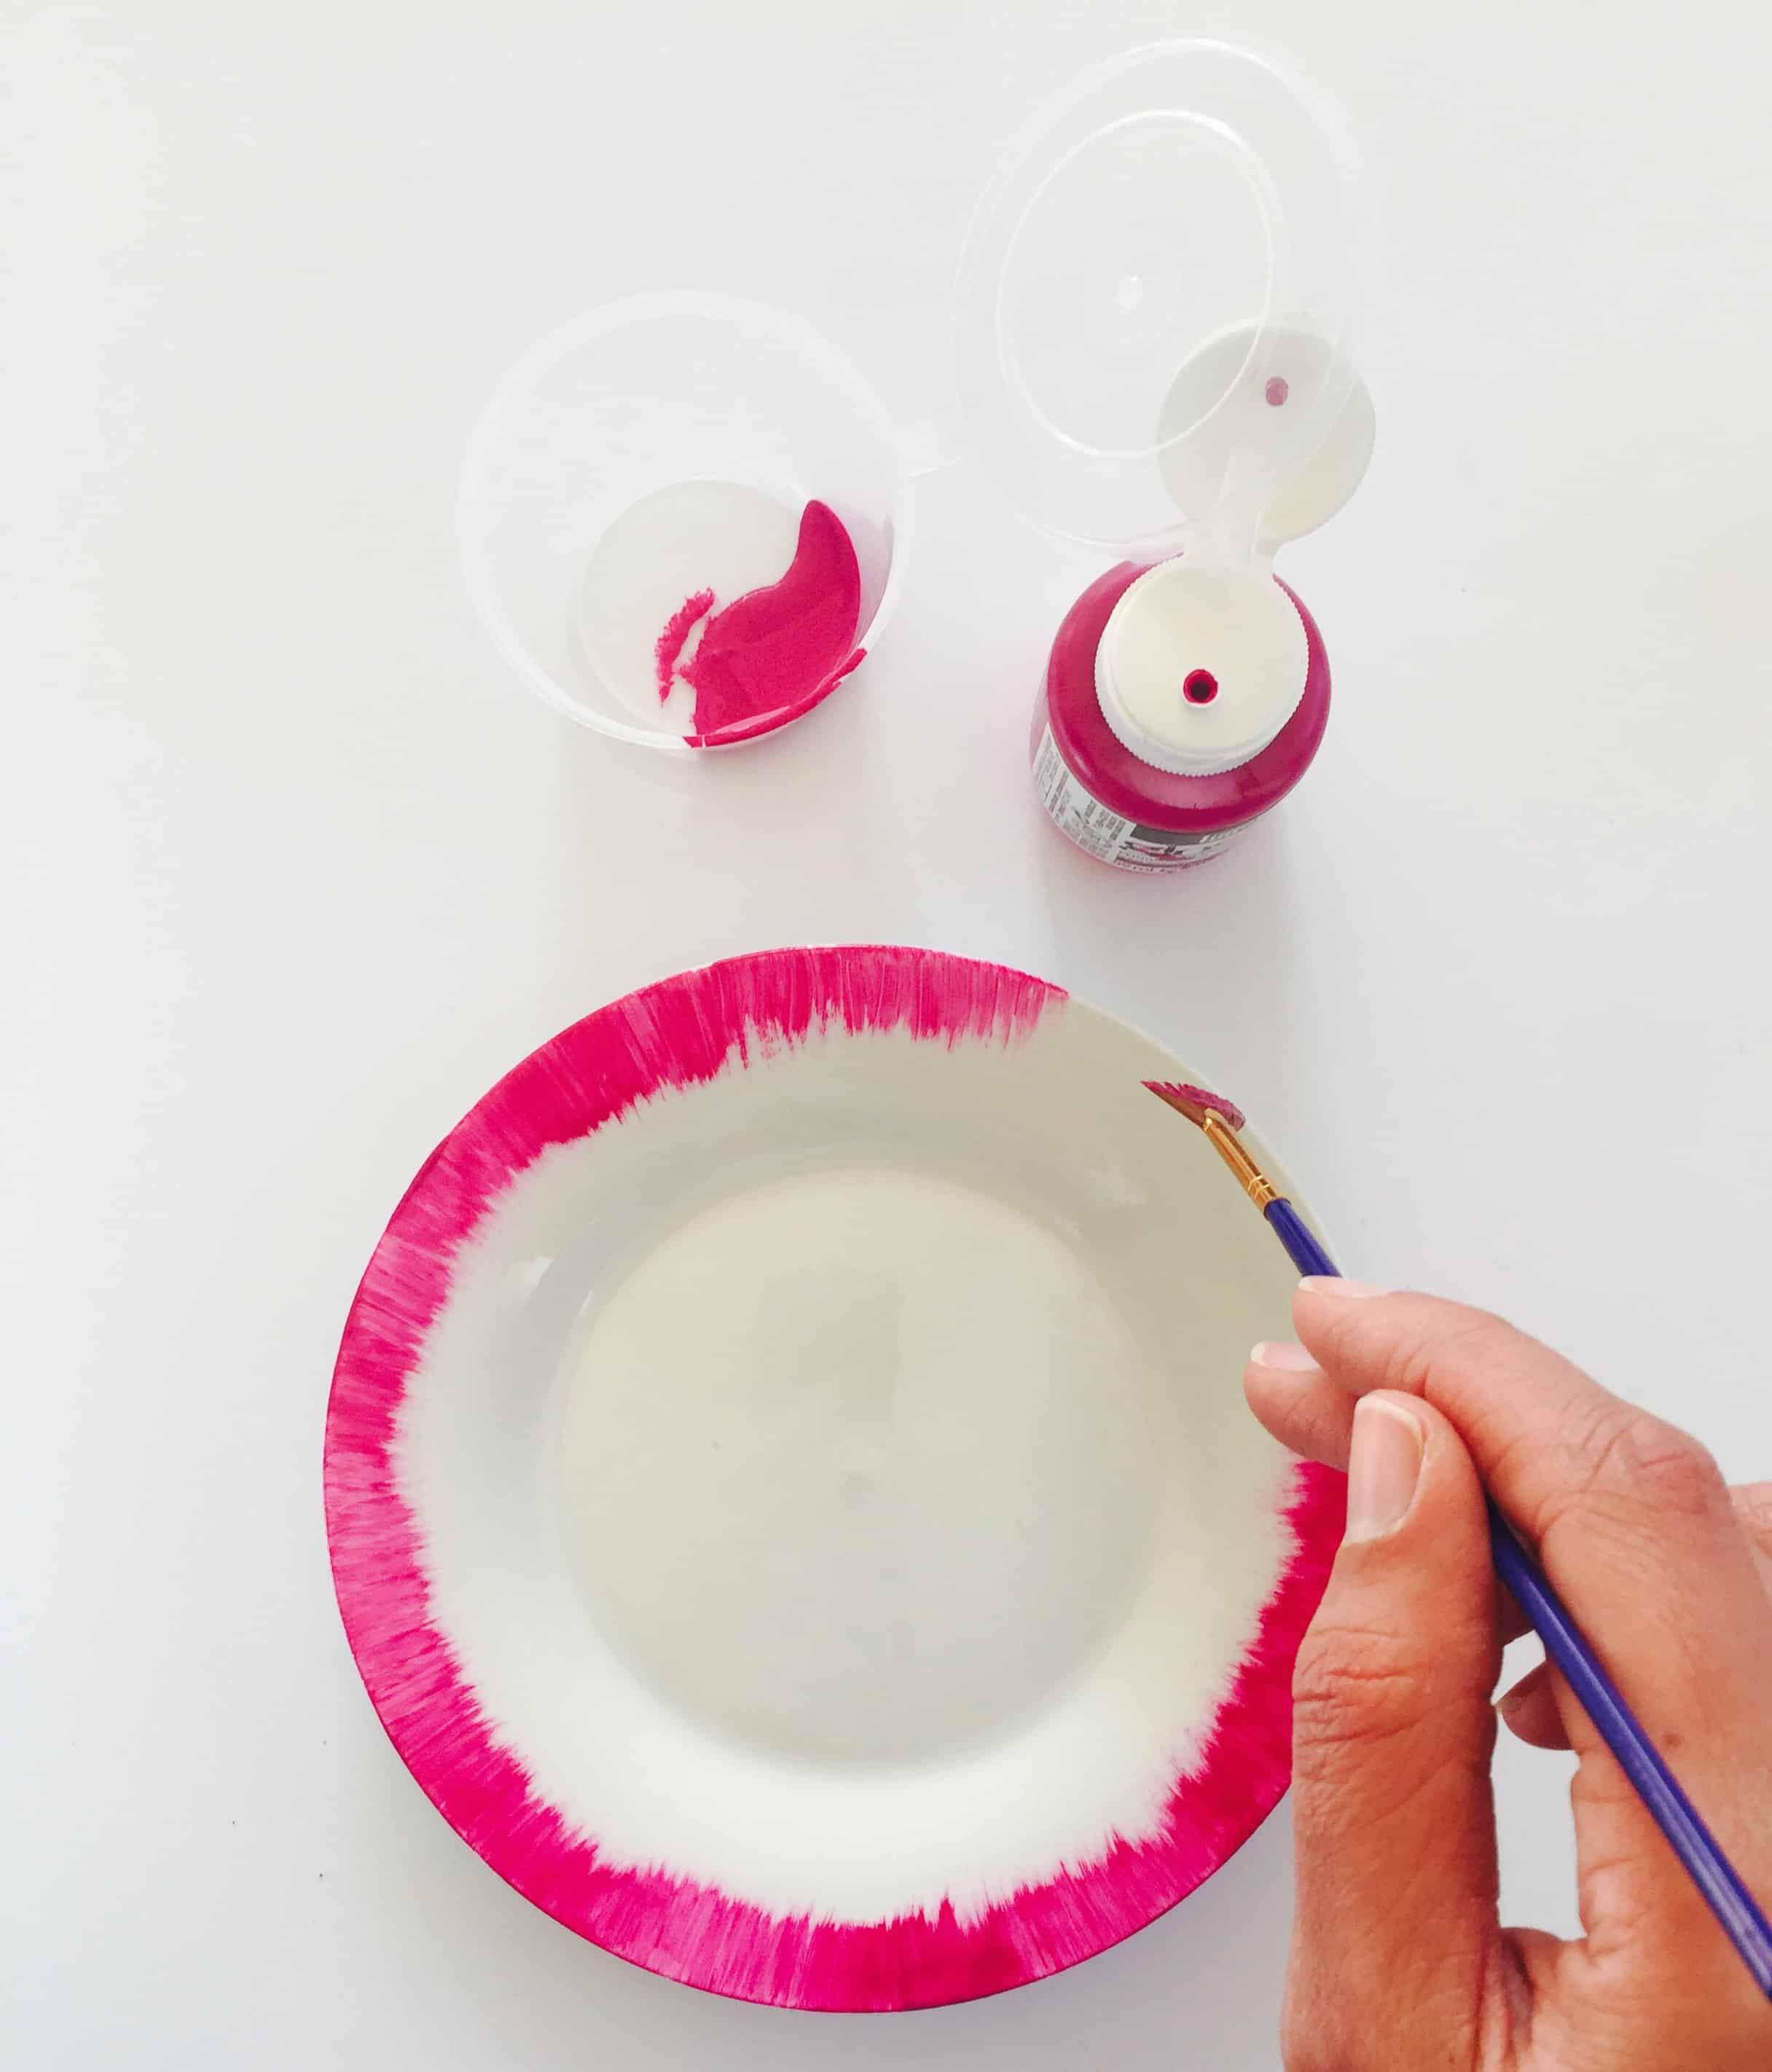 diy-pink-rimmed-plates-06